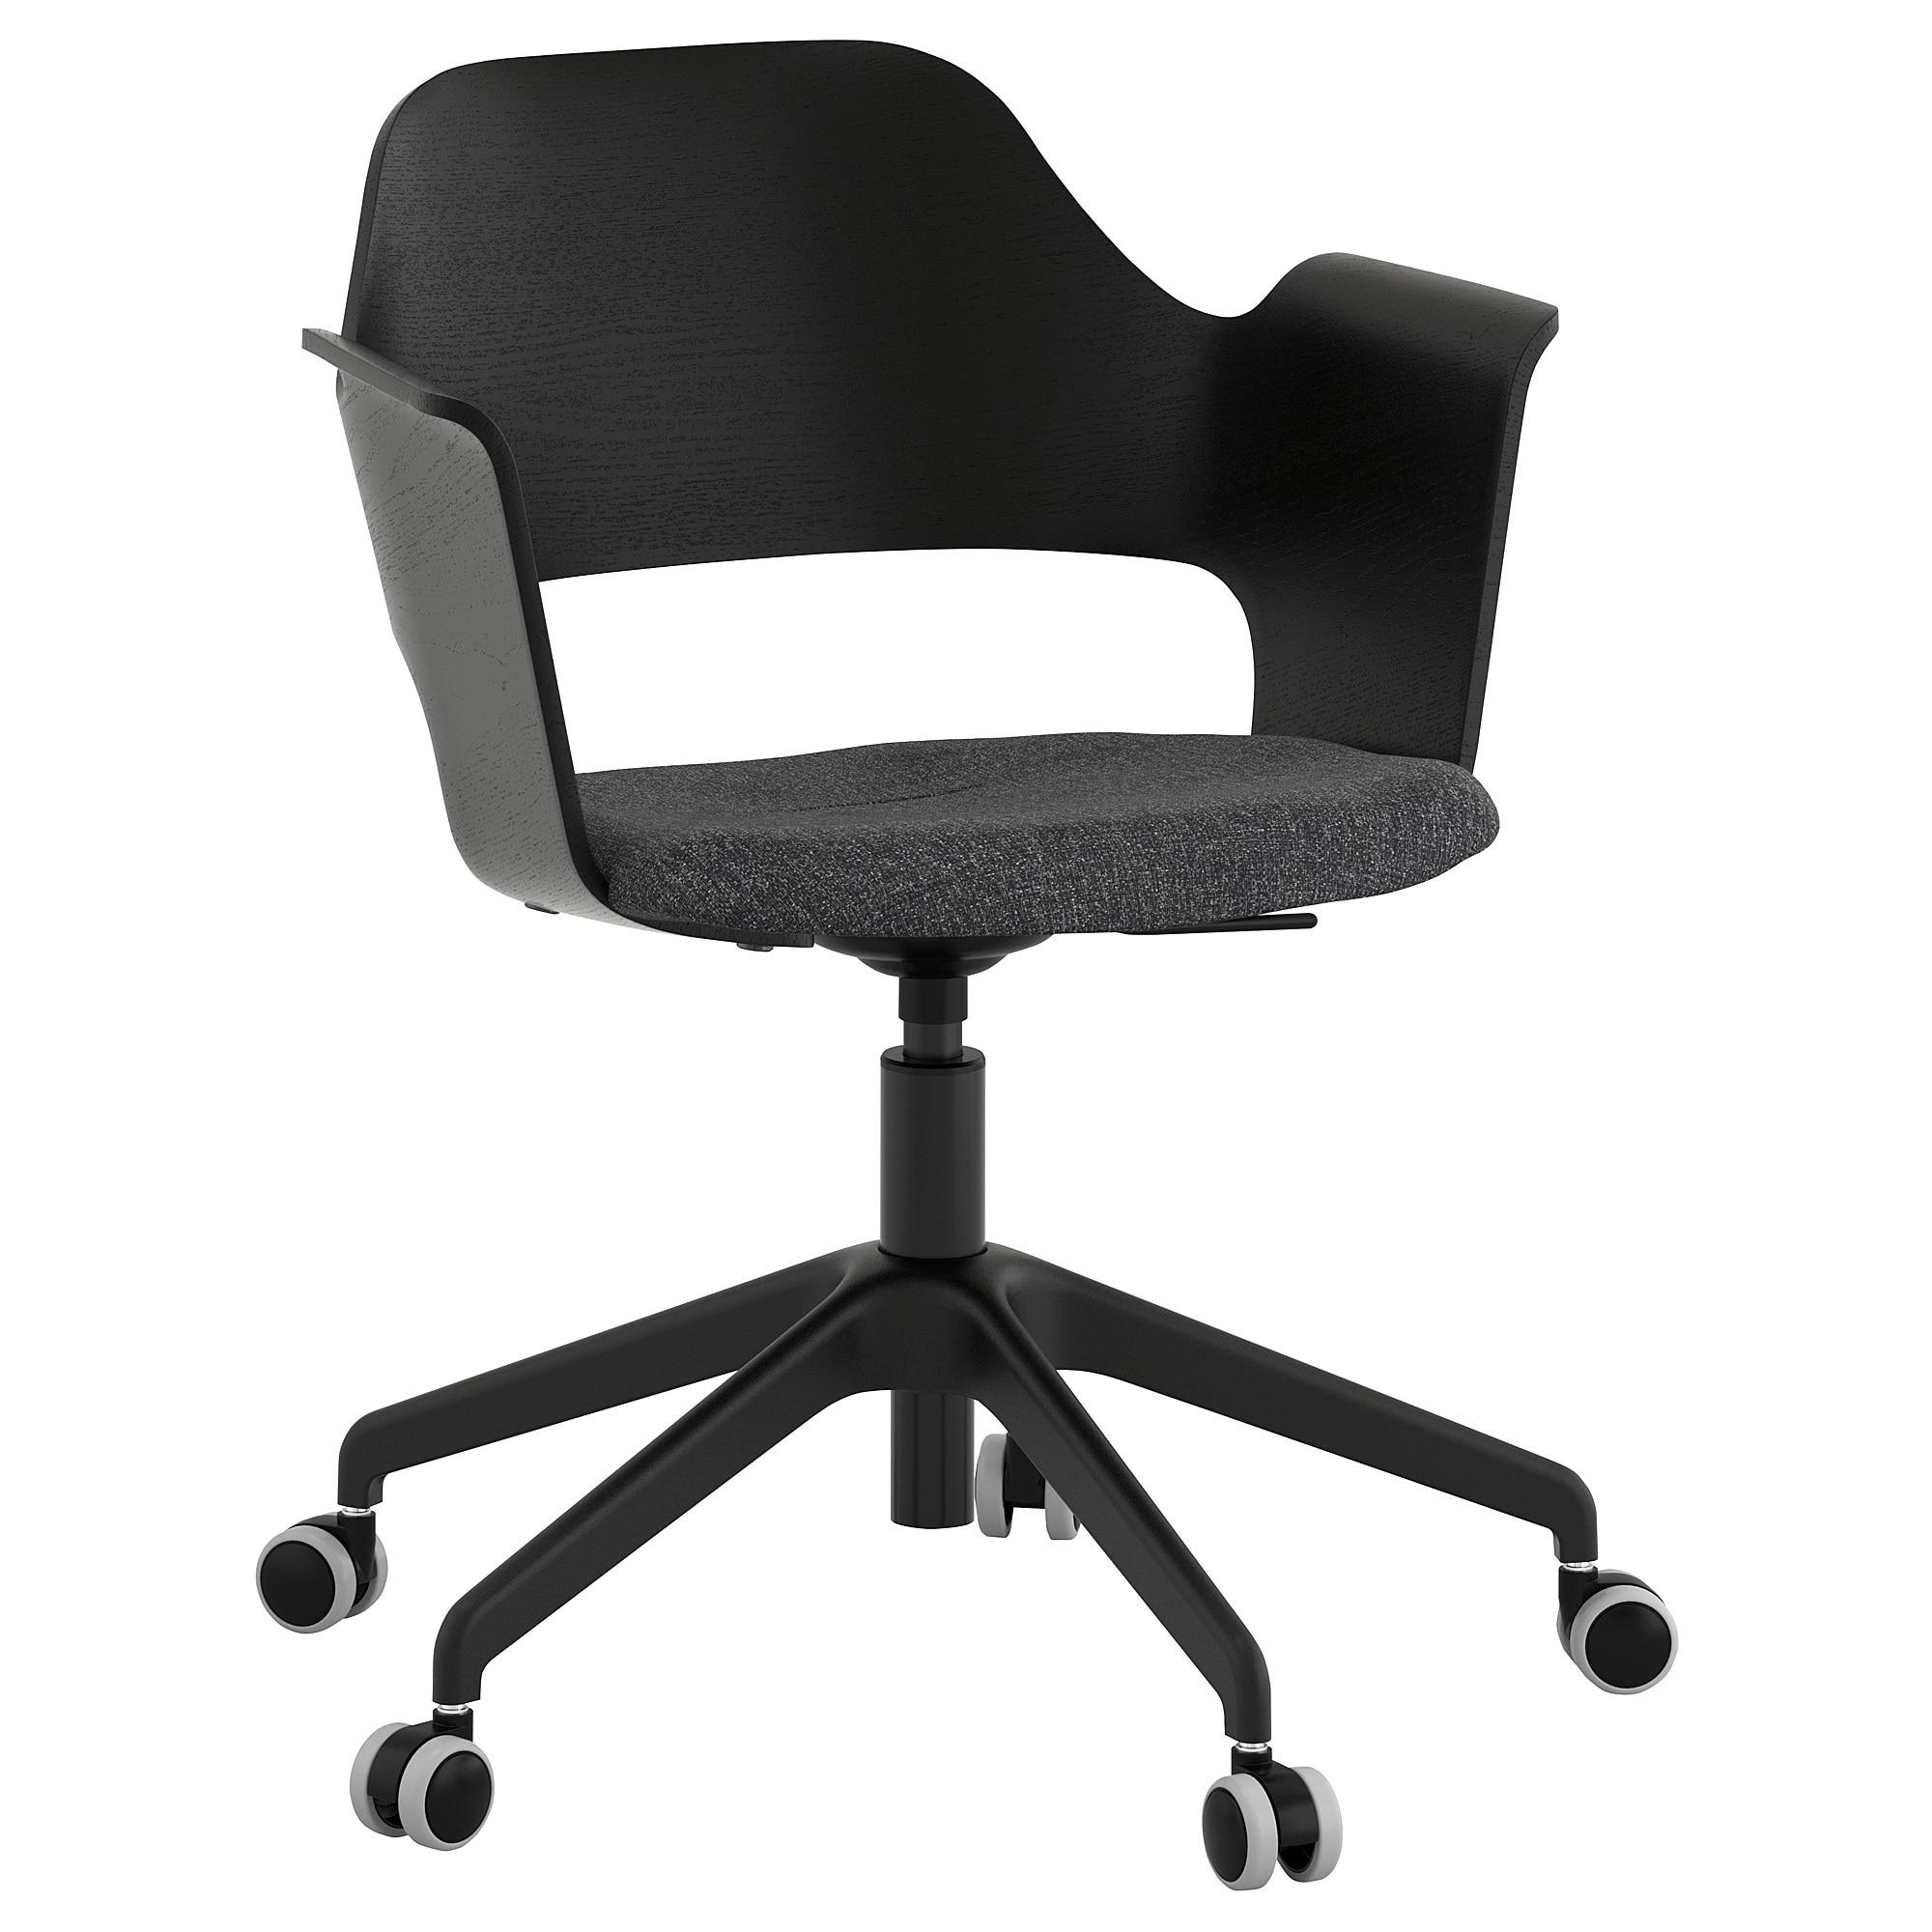 Silla Despacho Ikea S5d8 Sillas De Oficina Y Sillas De Trabajo Pra Online Ikea